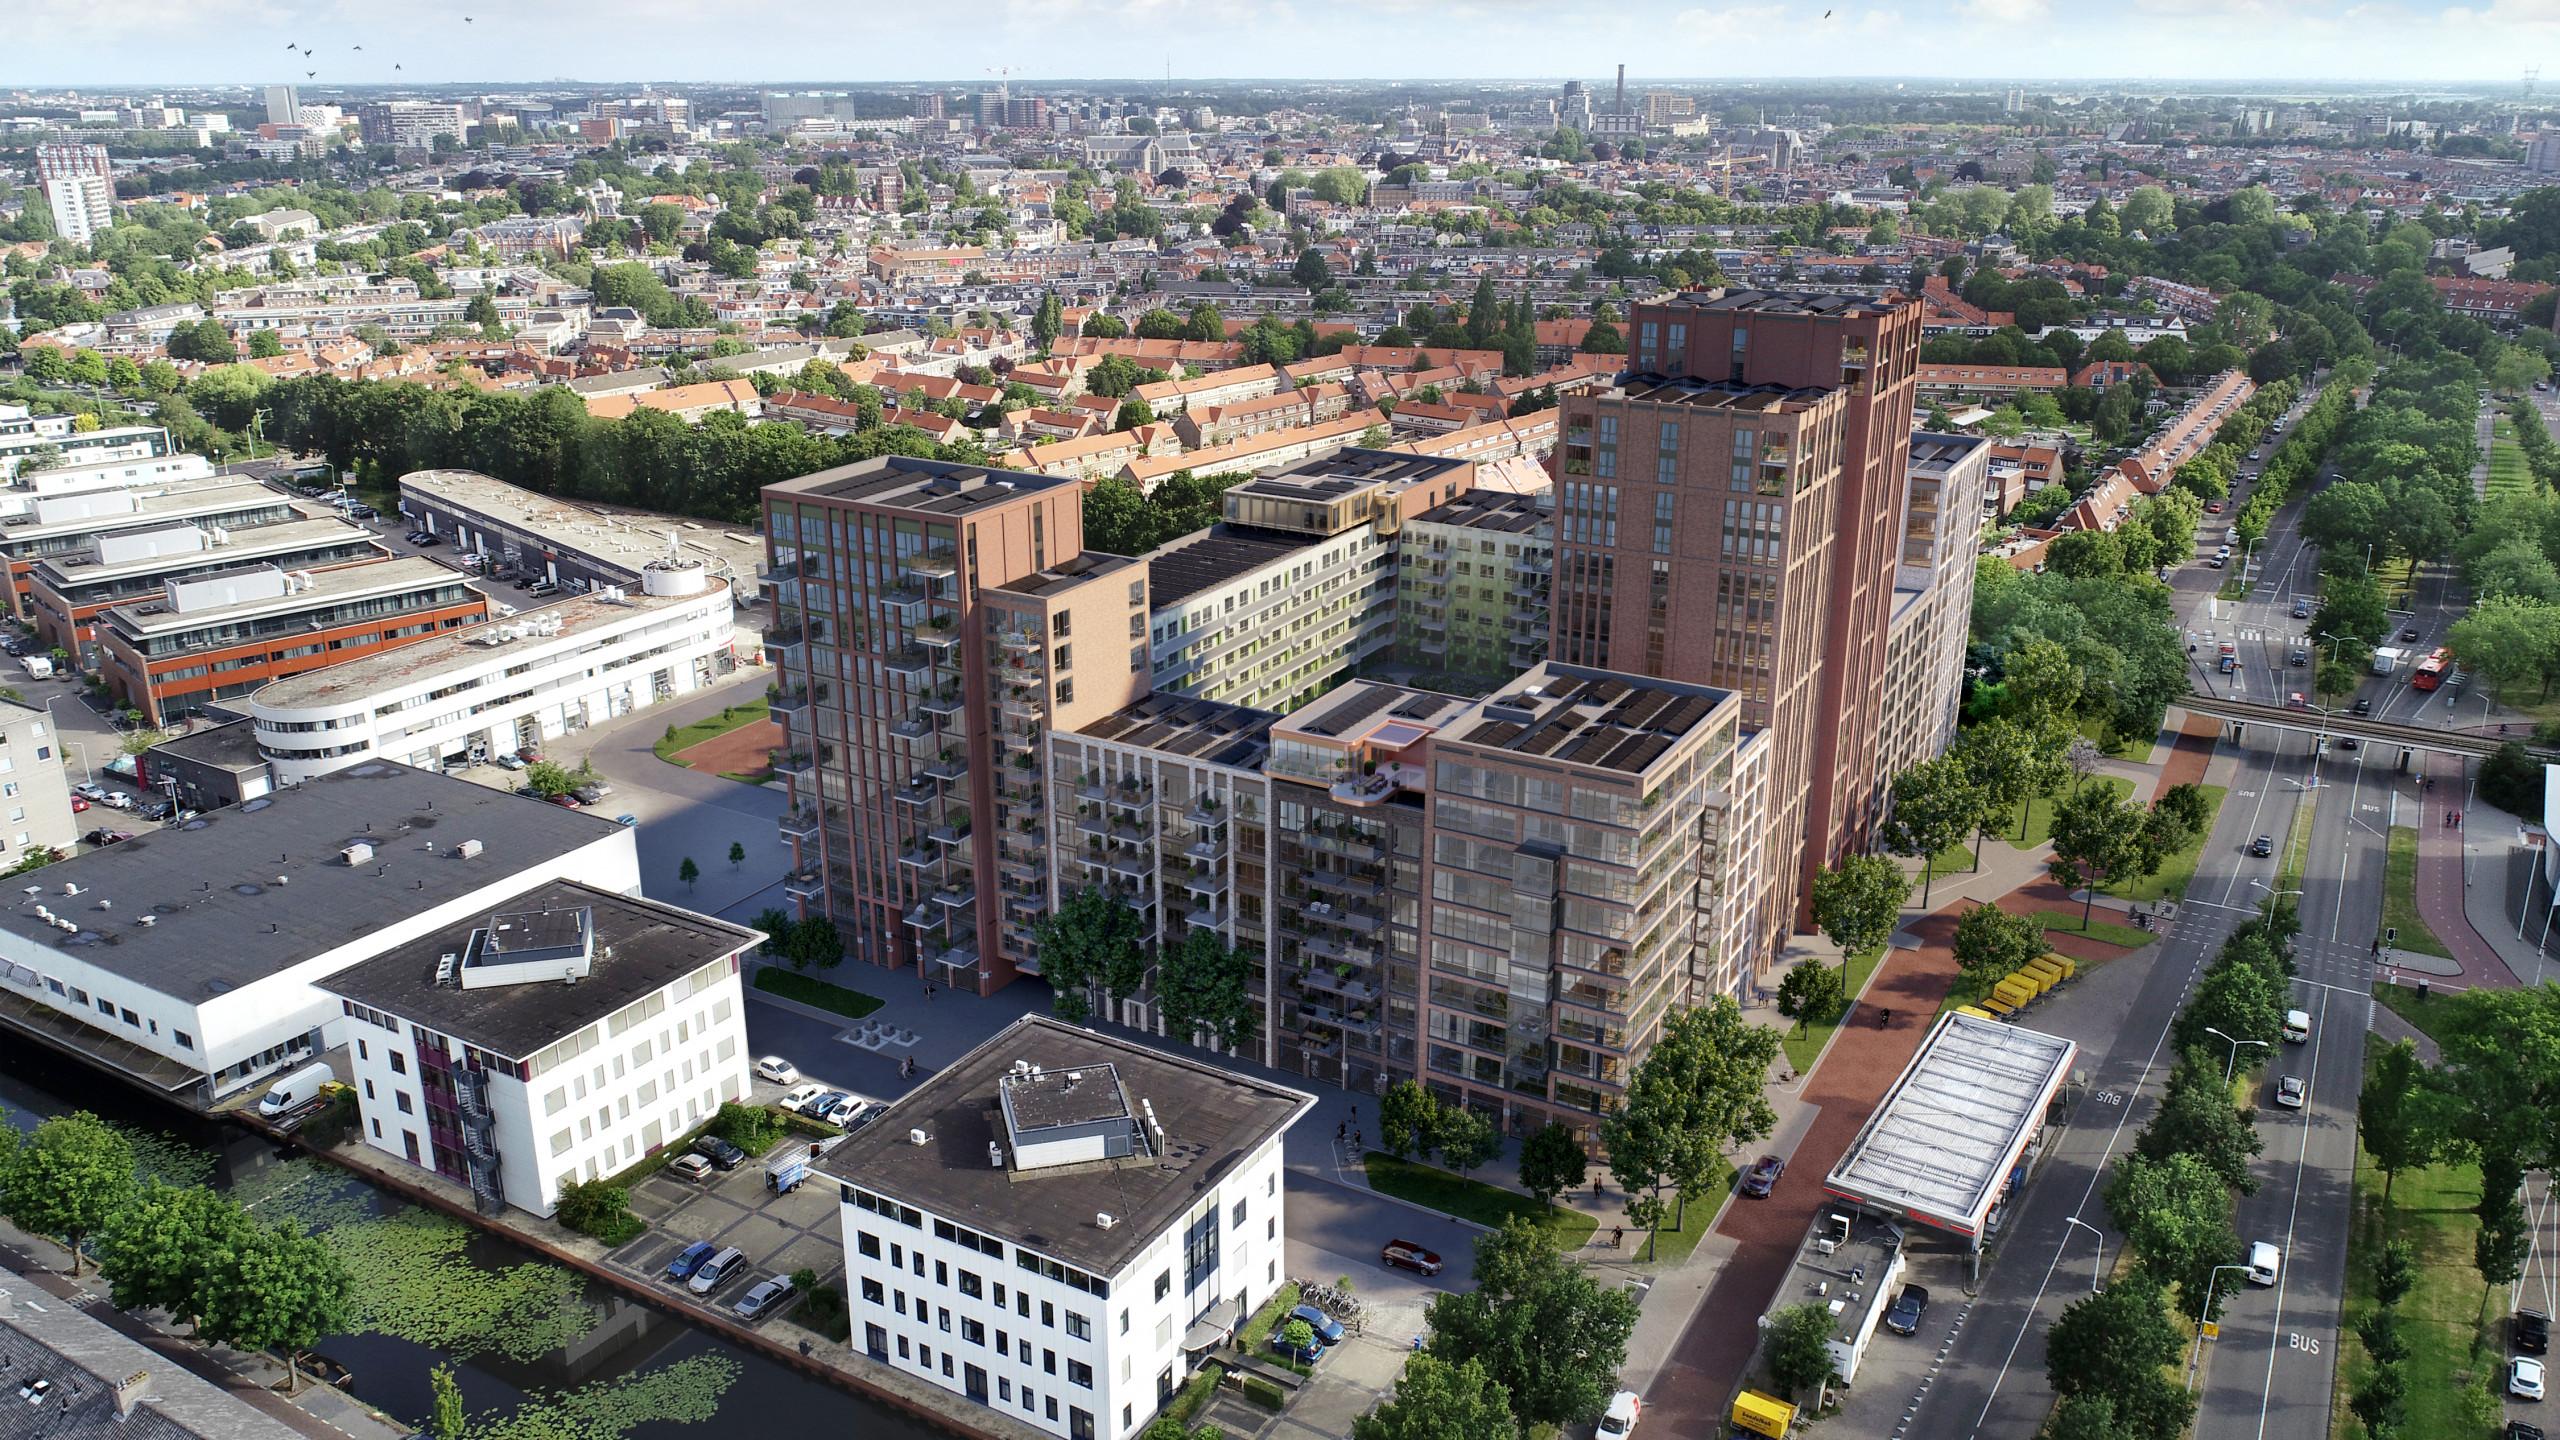 Beeldenfabriek - De Ananas - Leiden